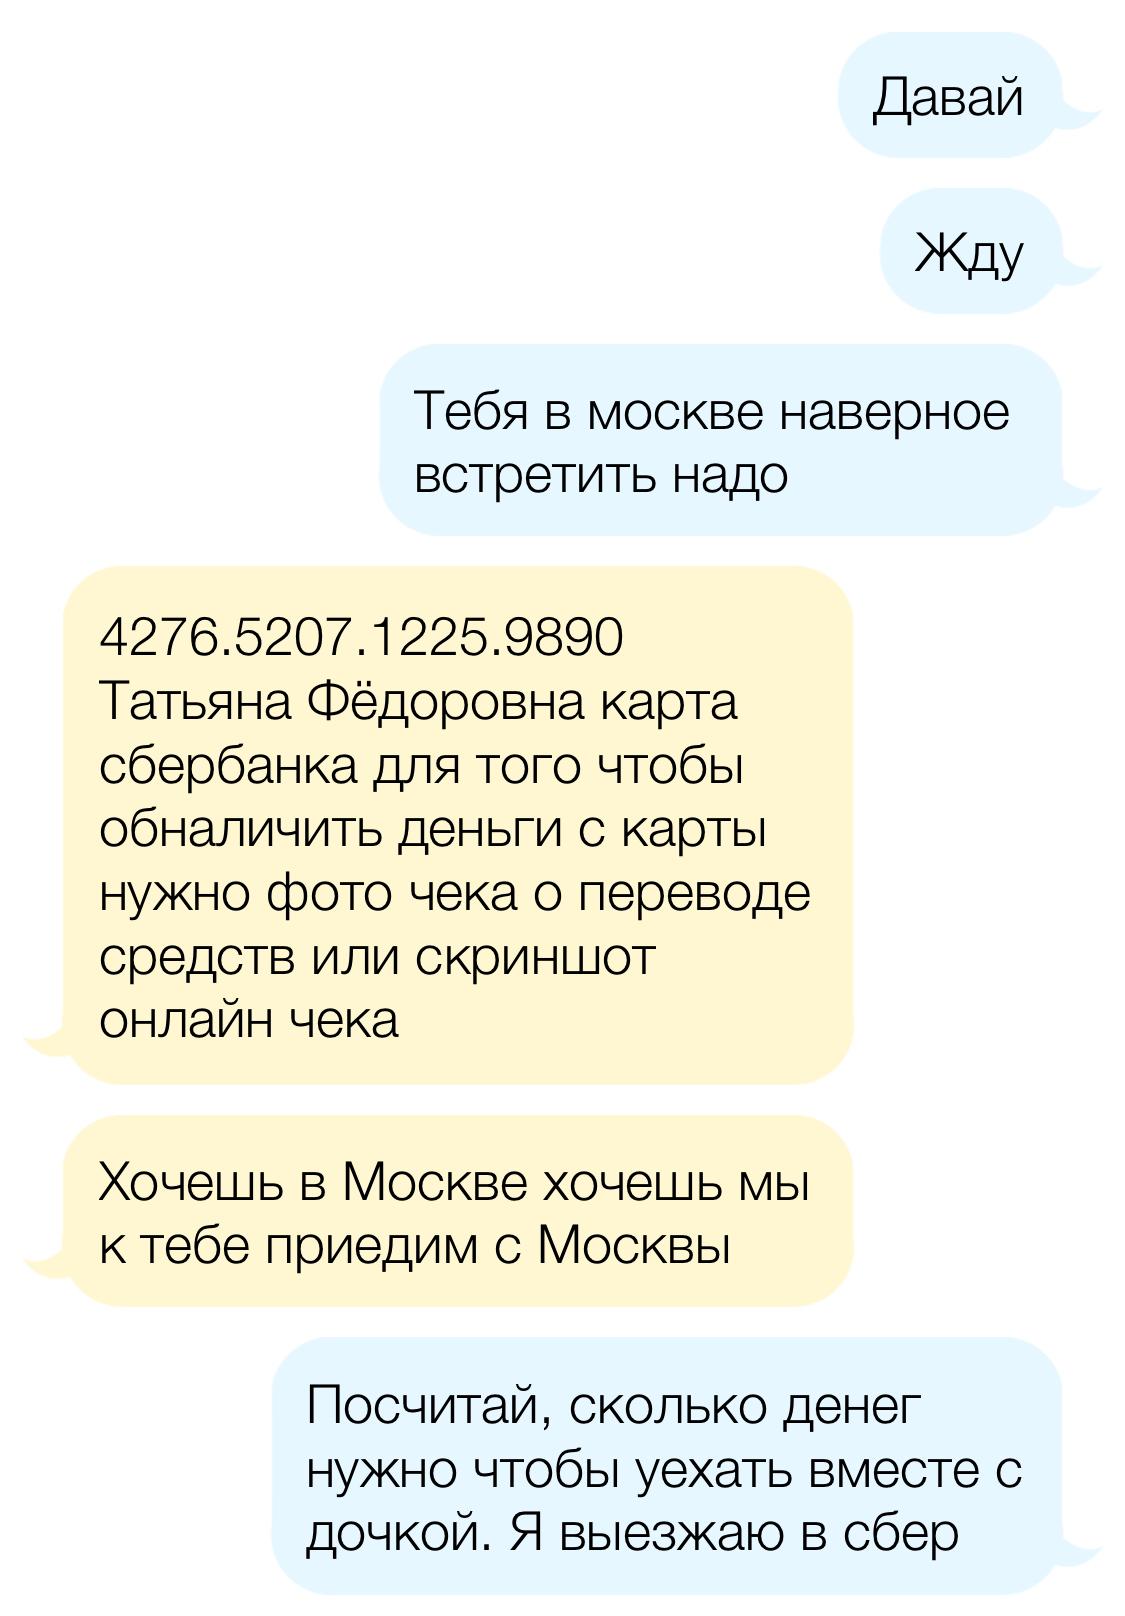 москве сайт отношений знакомств для в серьезных мамба